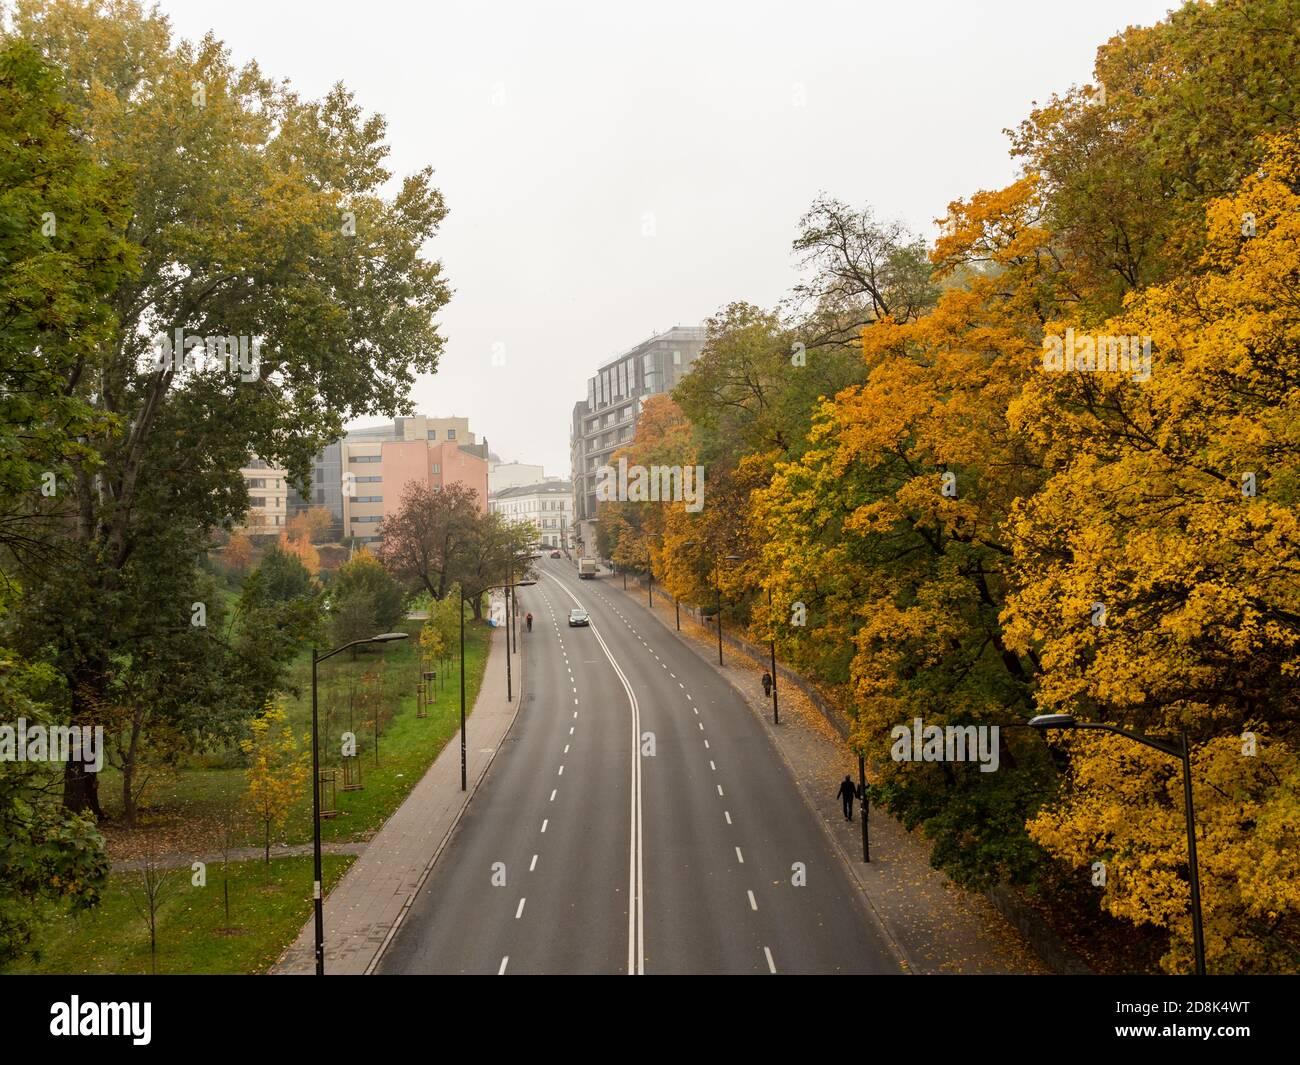 Varsovia/Polonia - 25/10/2020 - Calle casi vacía, pocos coches y personas. Hora de otoño. Foto de stock